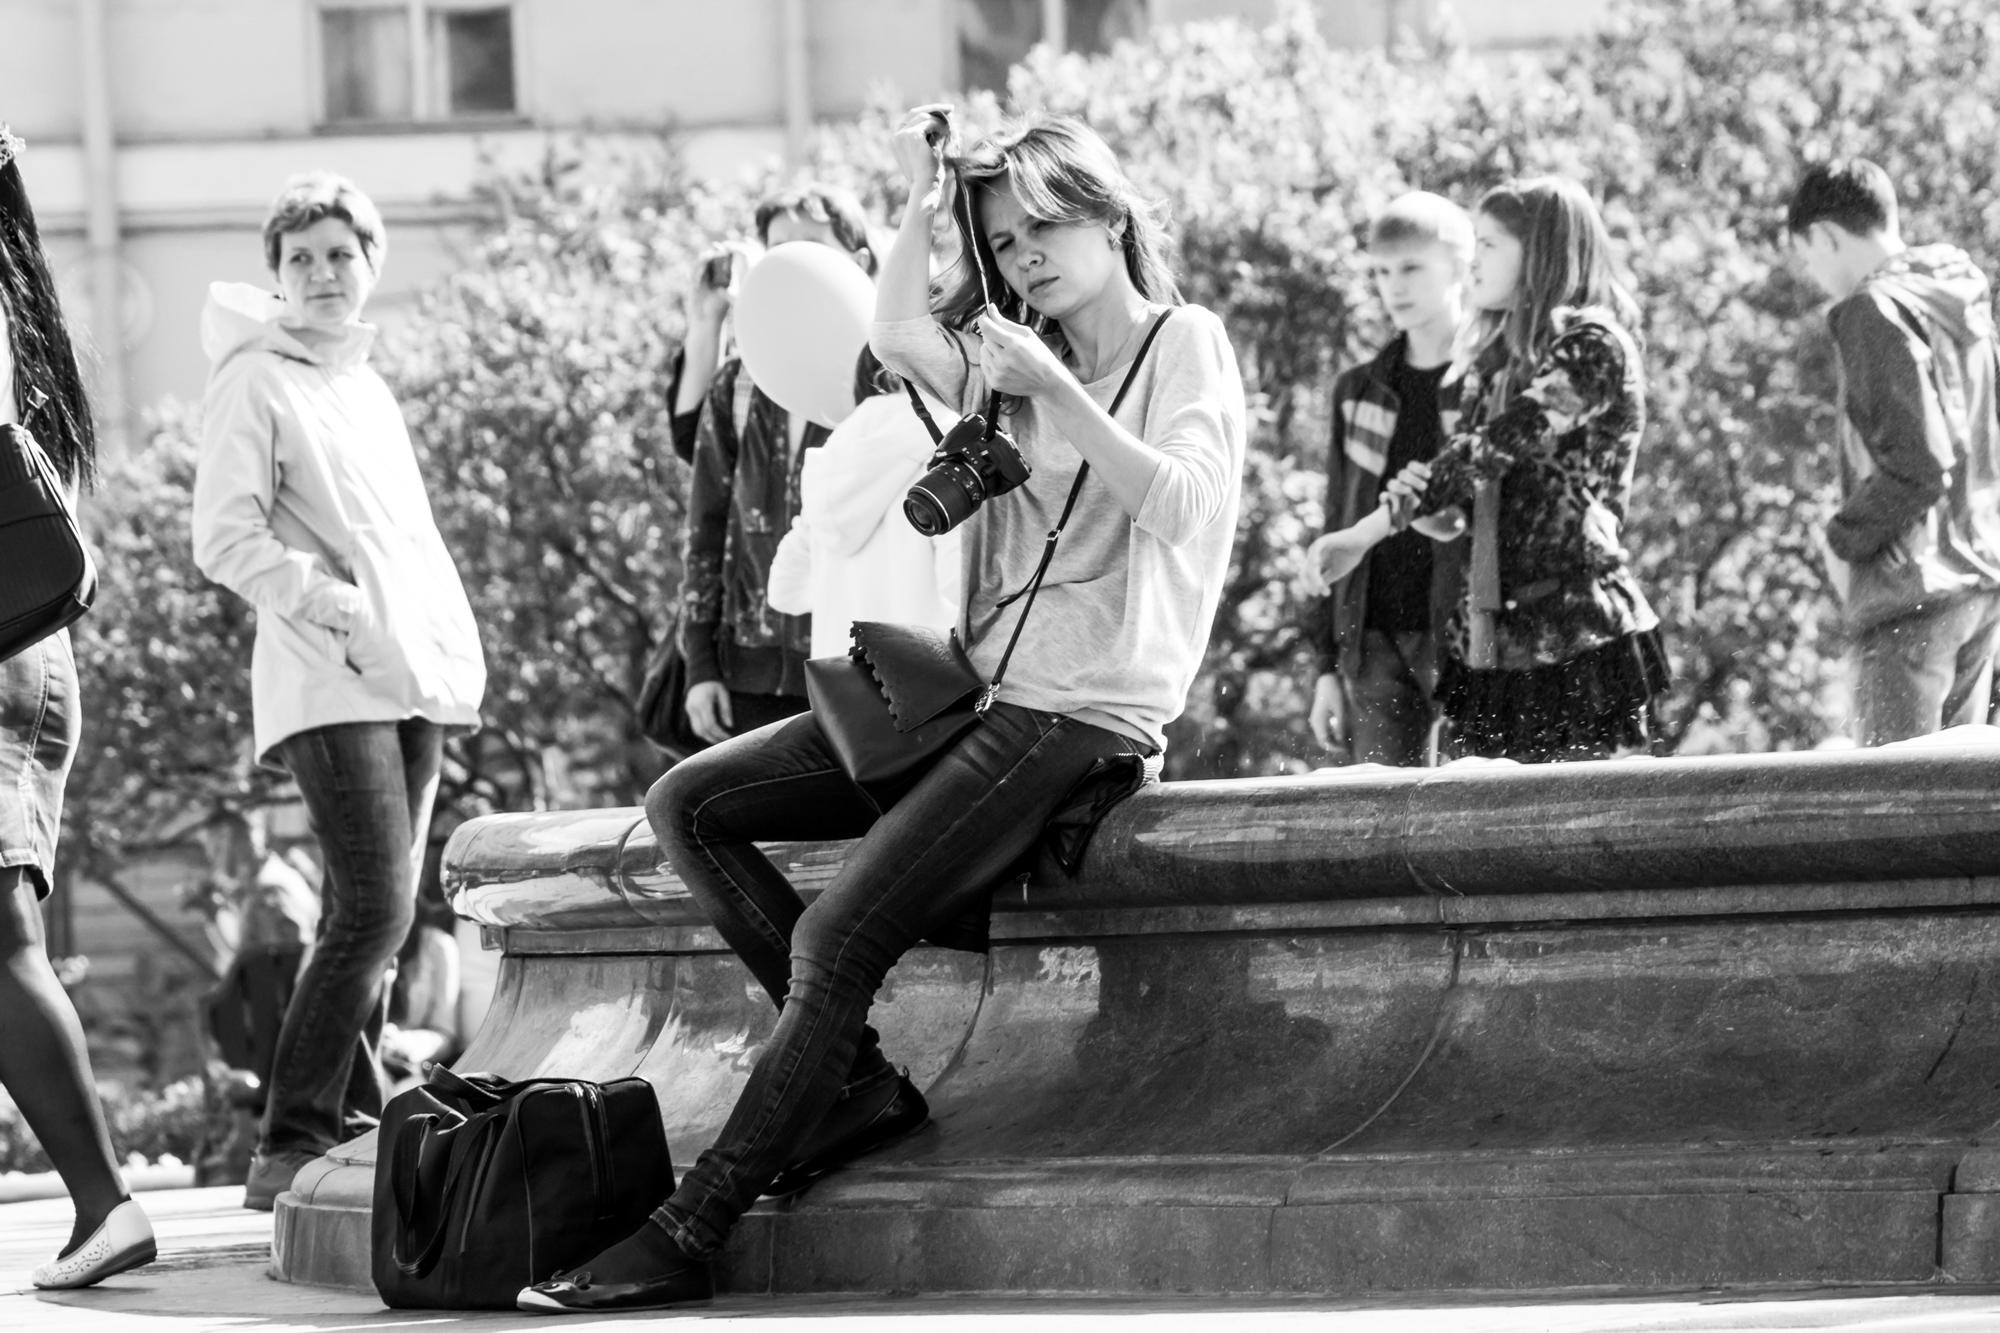 可爱的摄影师